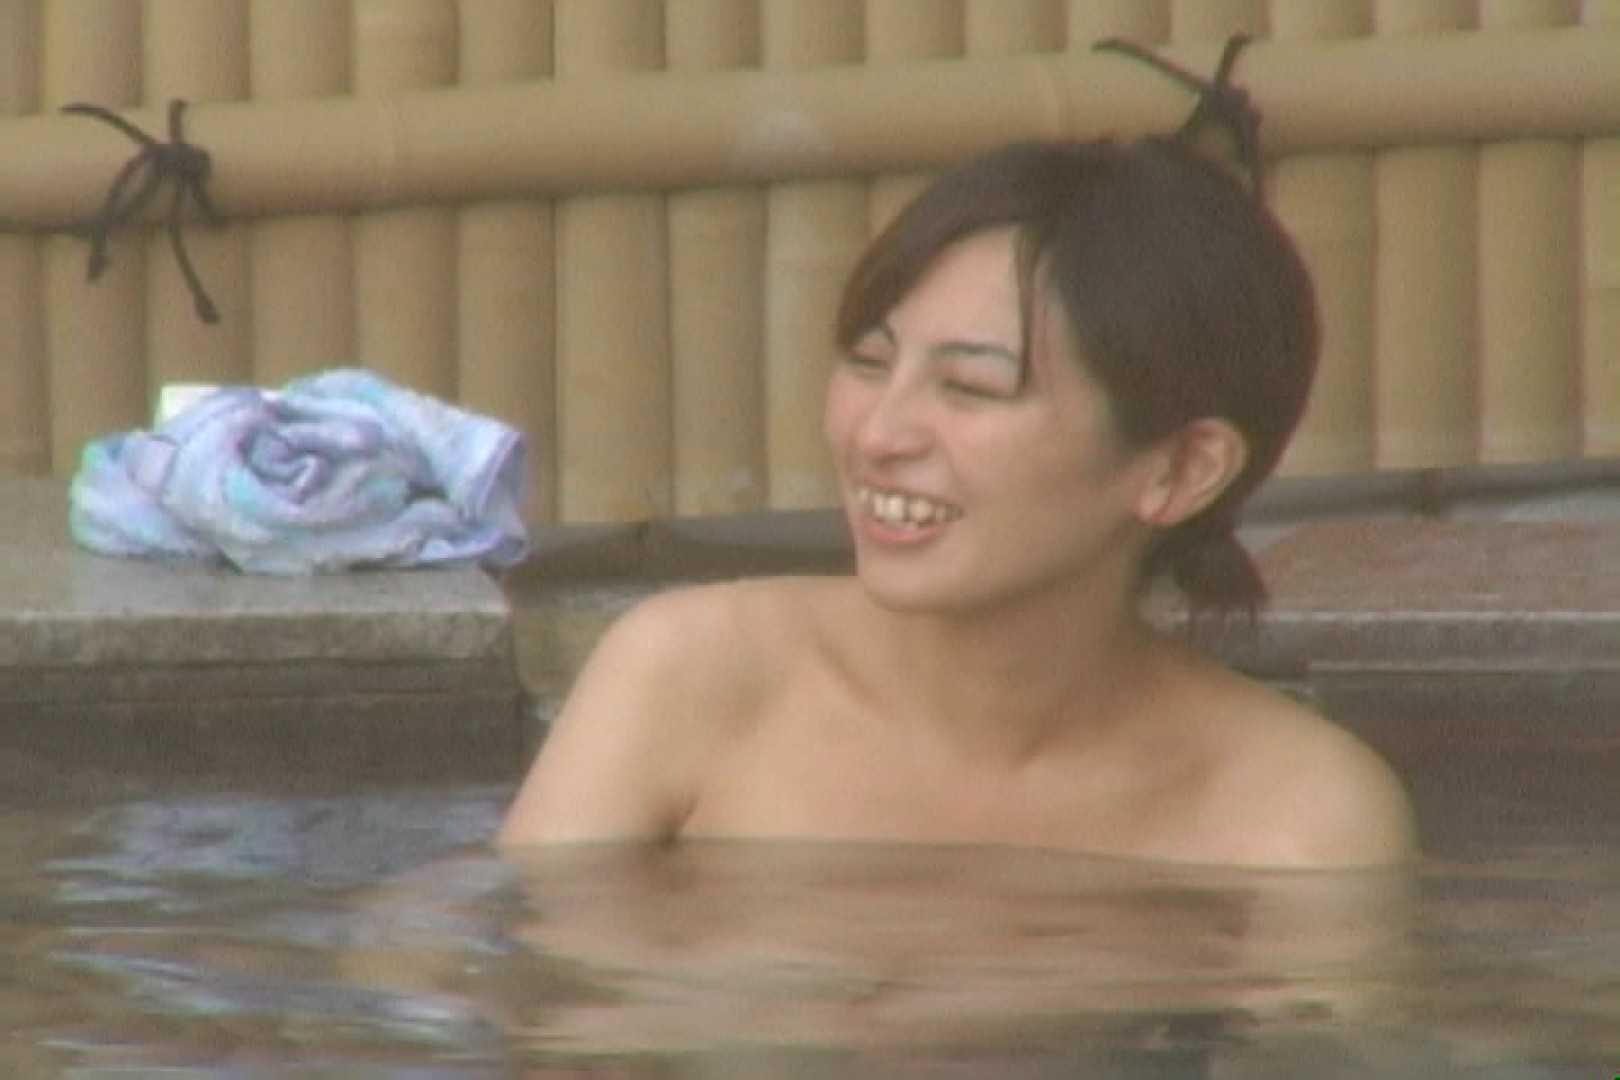 Aquaな露天風呂Vol.26【VIP】 盗撮師作品 スケベ動画紹介 73pic 23